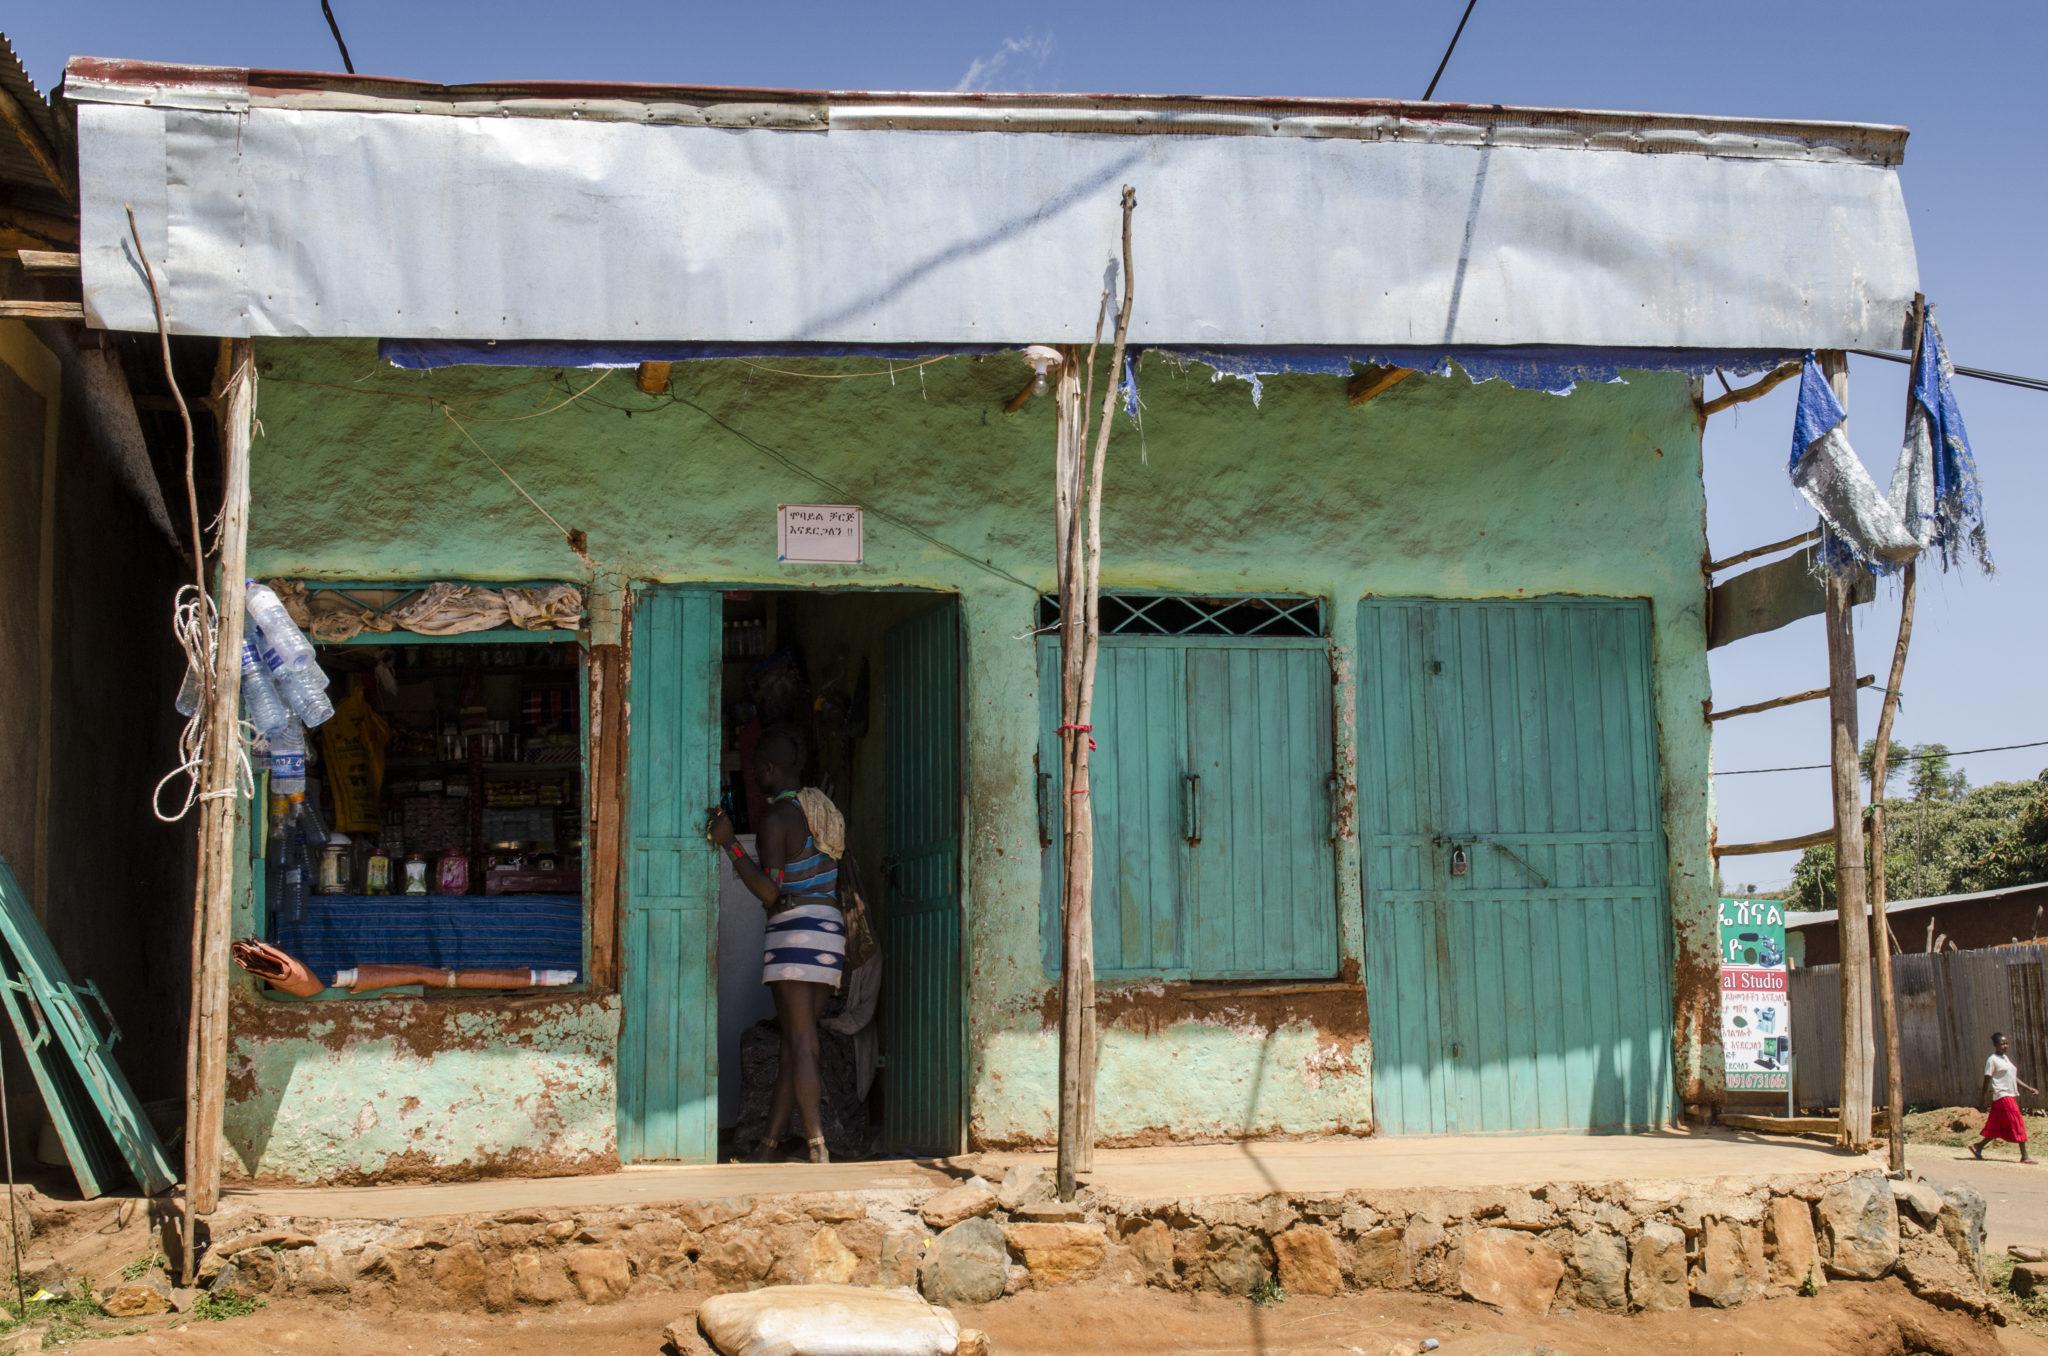 Aethiopien-Sehenswuerdigkeiten-Shop-Einkaufen